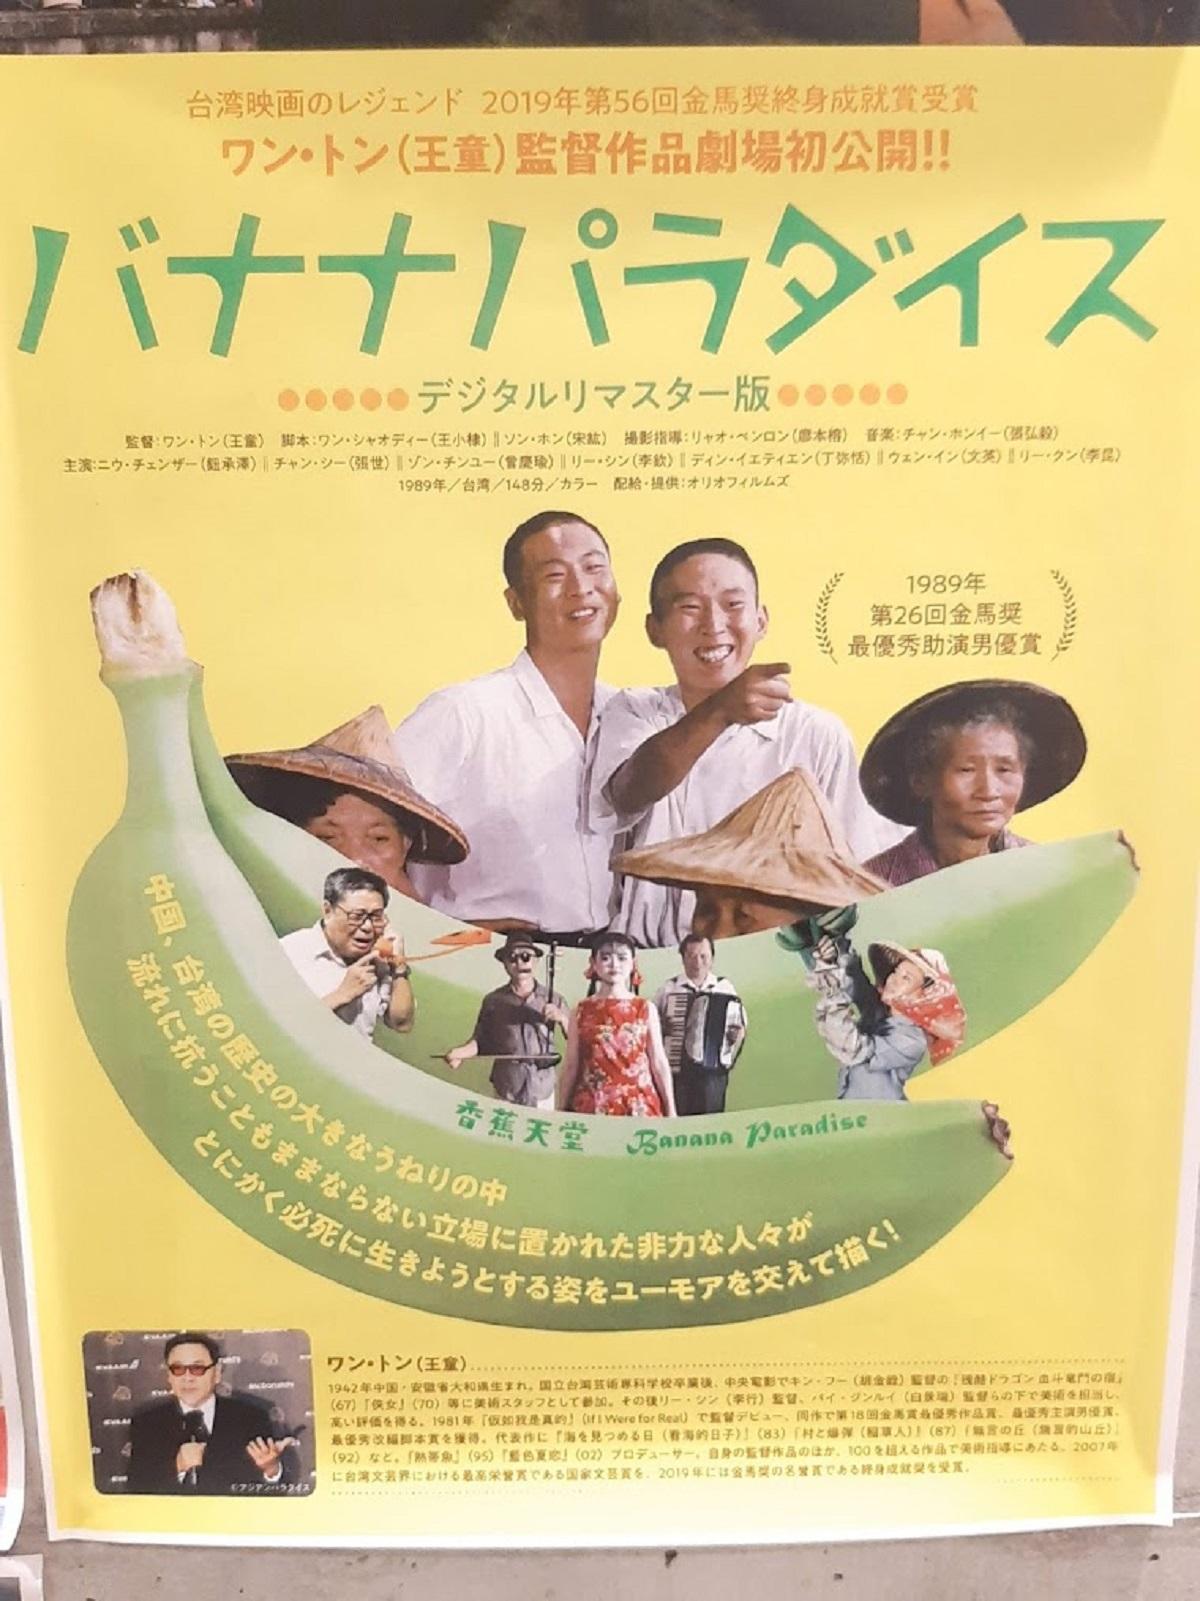 映画『バナナパラダイス』のチラシポスター